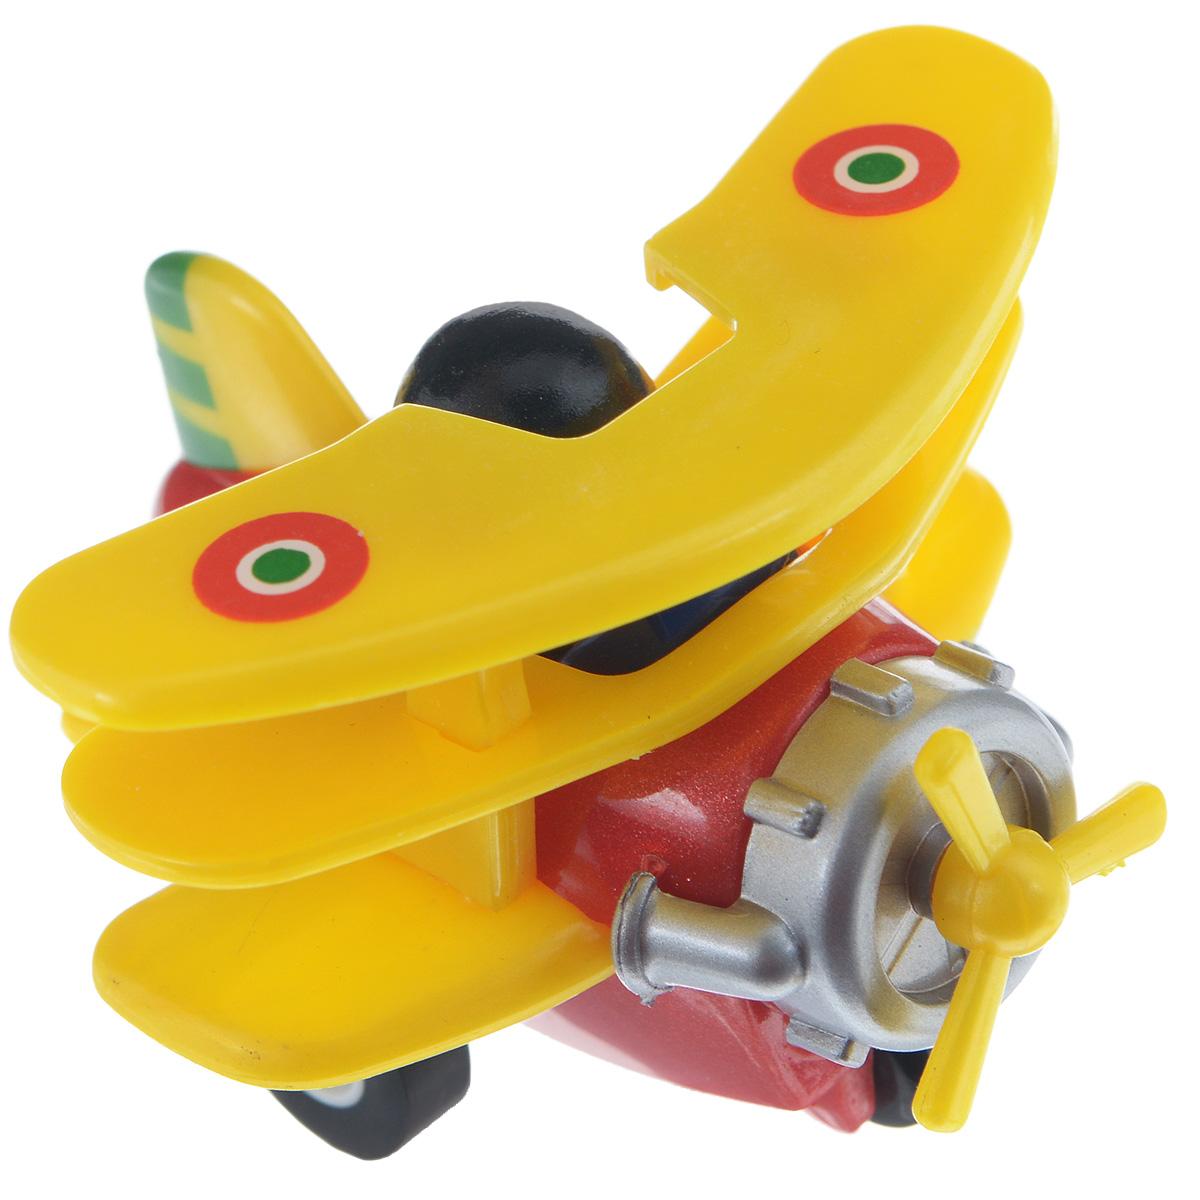 Hans Самолет инерционный цвет желтый красный rommelsbacher bg 1550 отзывы